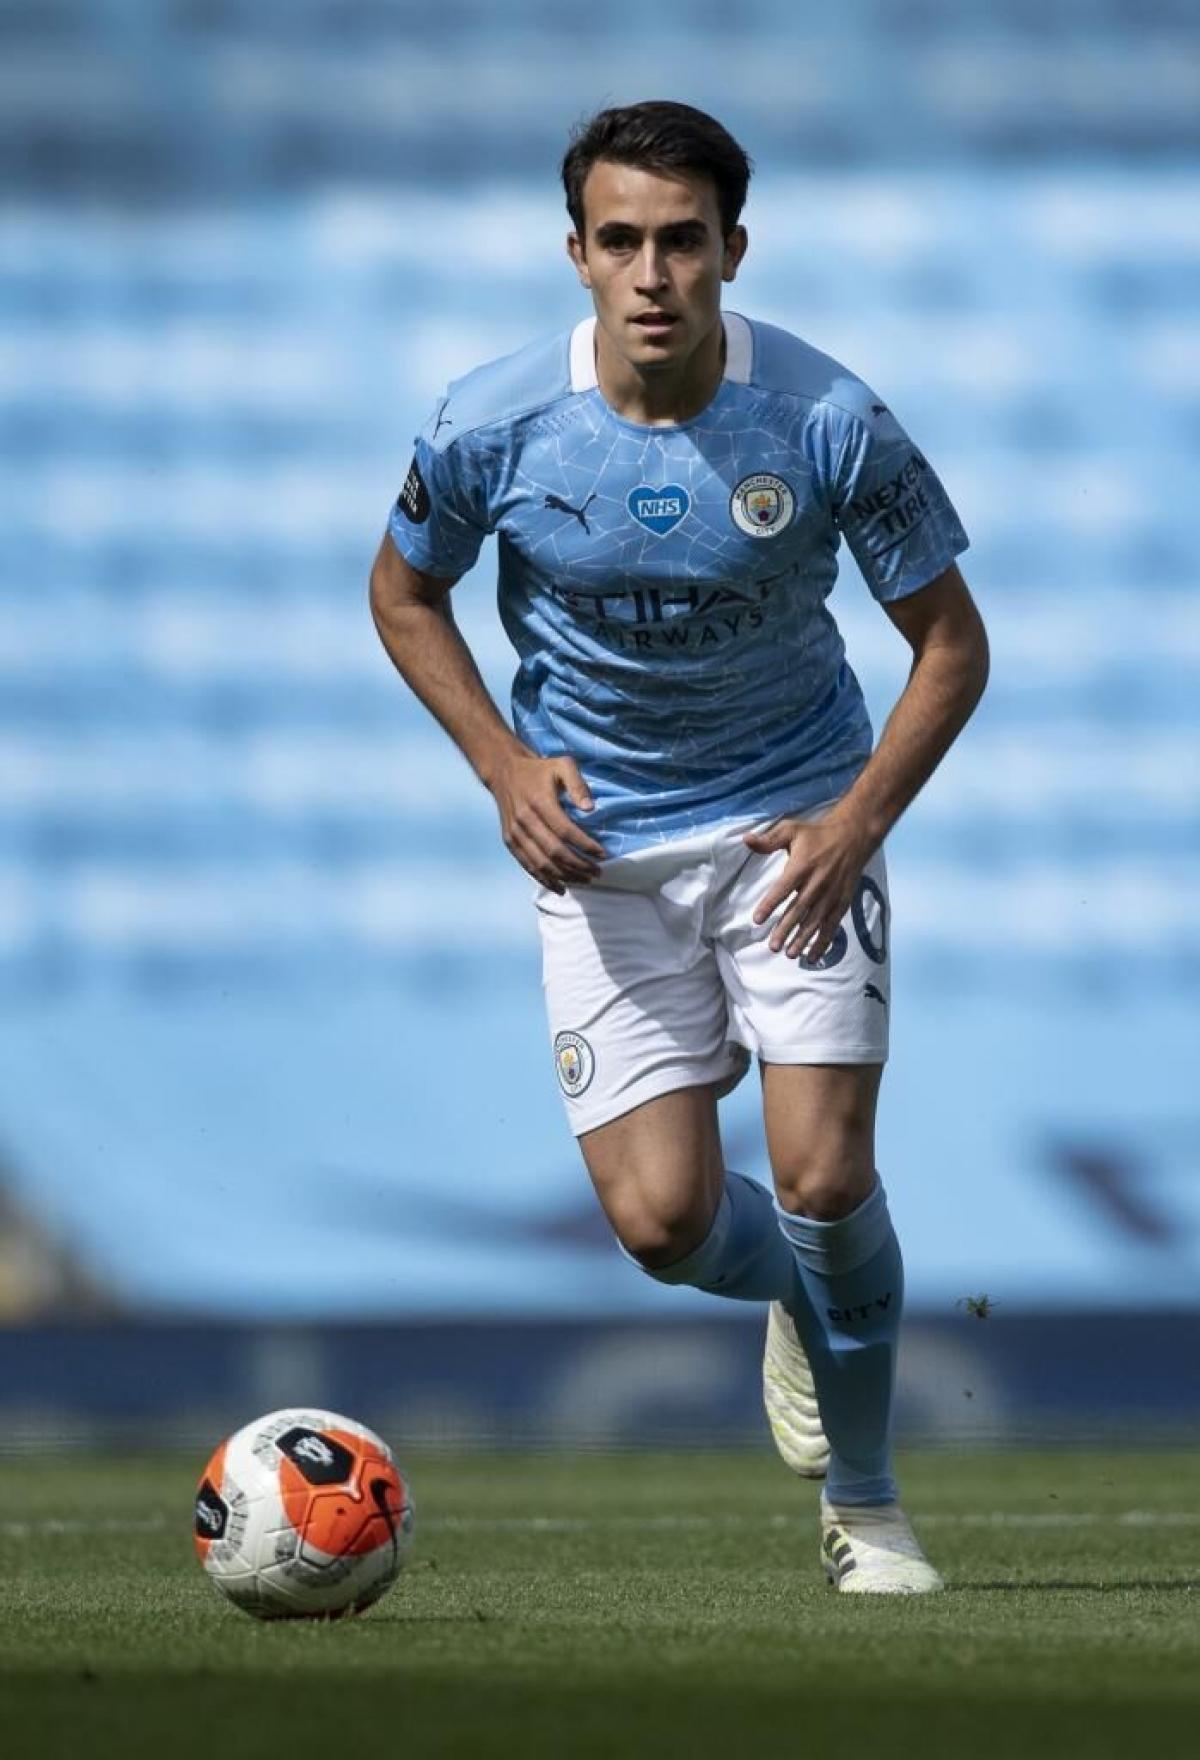 Trung vệ Eric Garcia sẽ rời Man City để cập bến Barca theo dạng chuyển nhượng tự do.